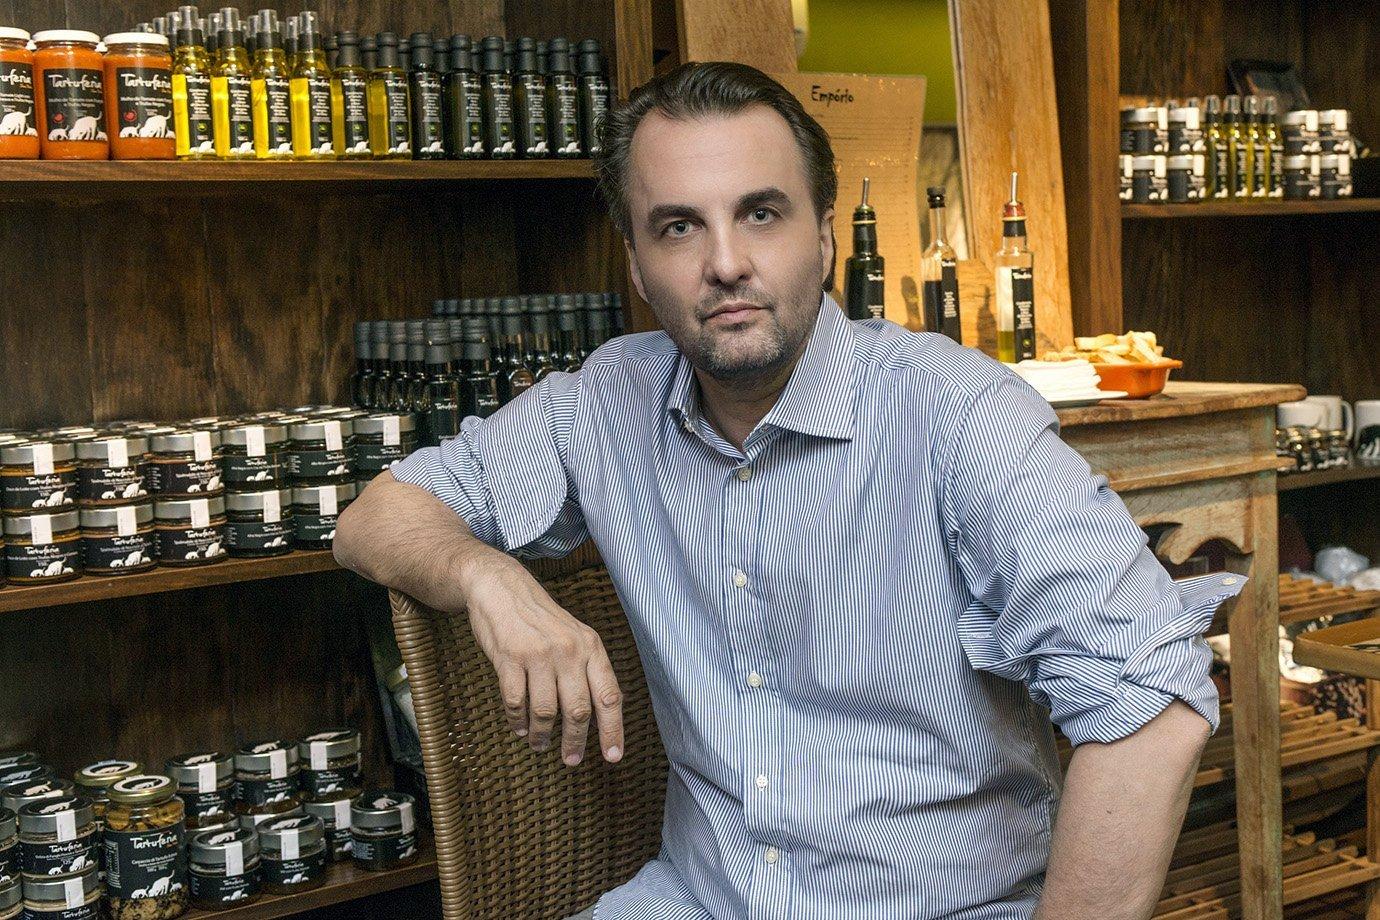 Lalo Zanini, empreendedor serial e dono da Tartuferia San Paolo